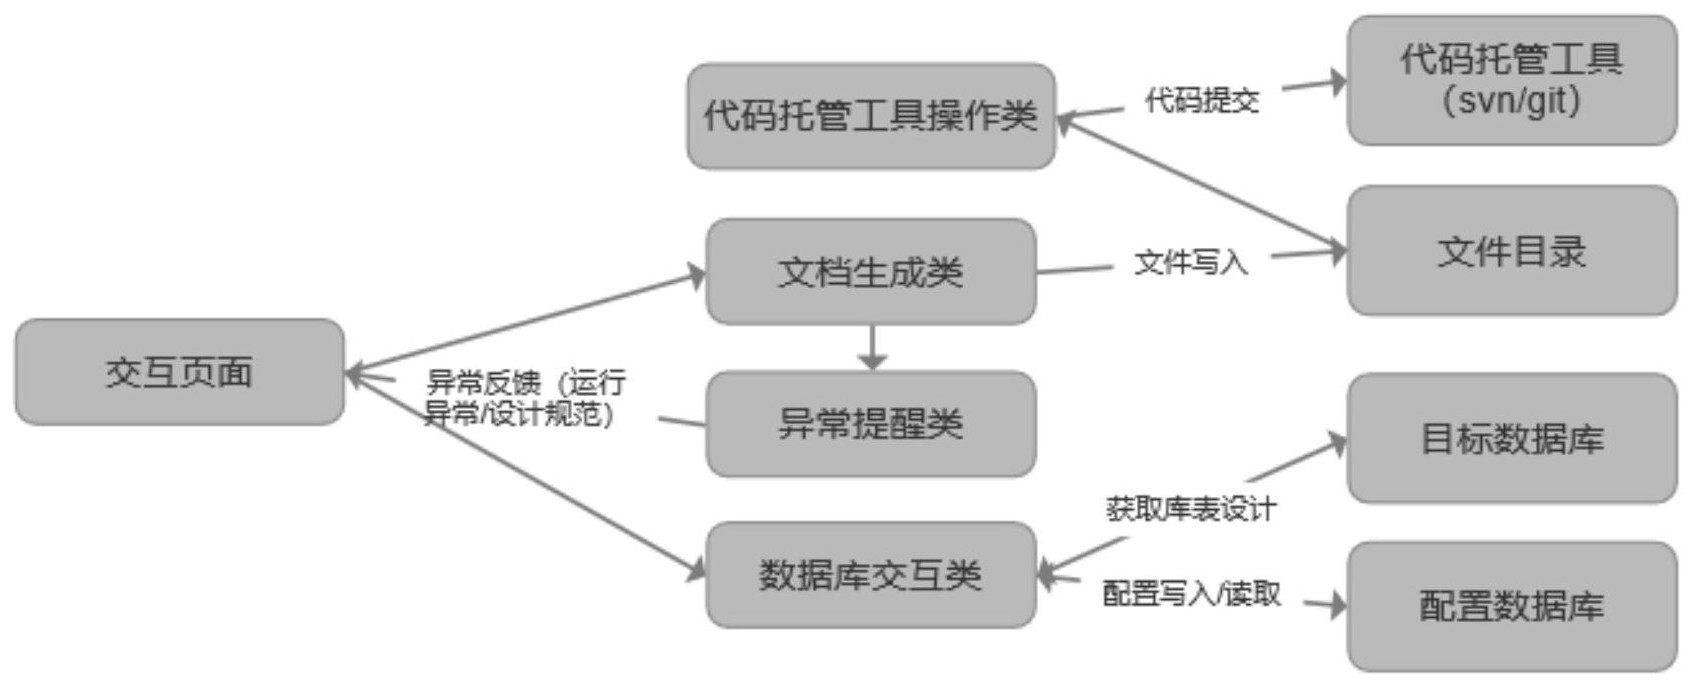 一种自动生成数据库说明文档的方法